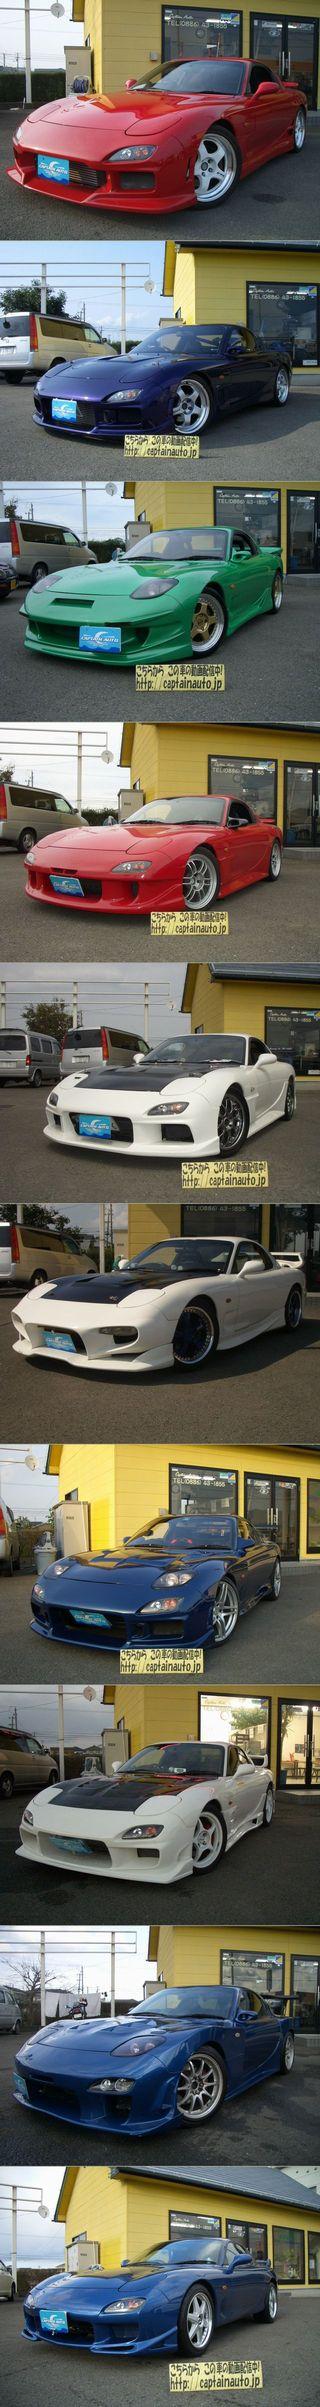 RX-7の車選び_f0207932_17564910.jpg